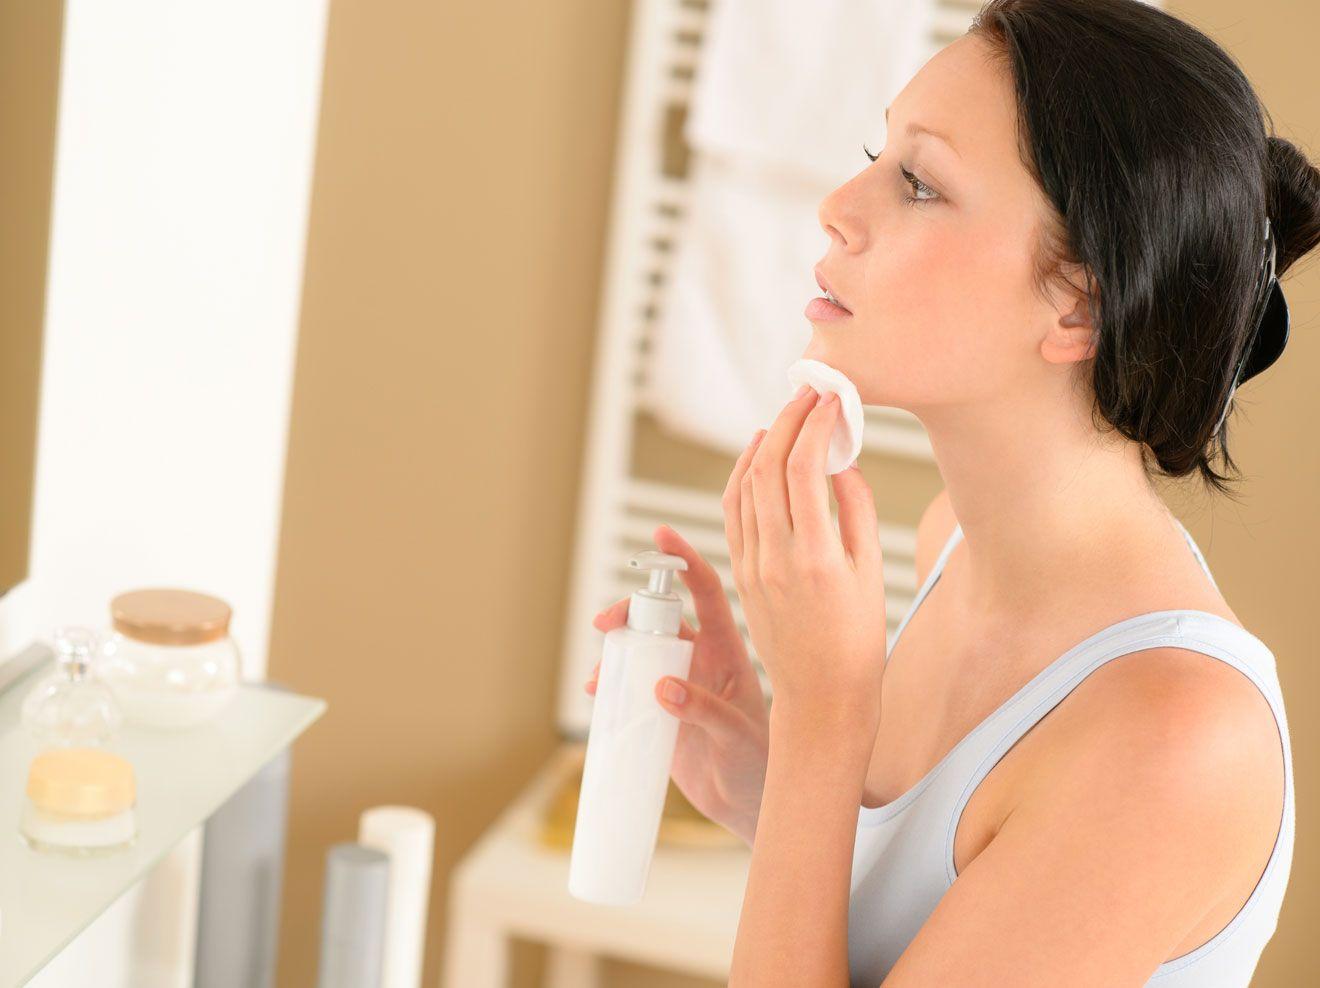 Die Hohle Der Lowen Was Konnen Die Waschies Aus Der Sendung Wirklich Beauty Hohlederlowen Beautyproduktehohlr Hautpflege Akne Mitesser